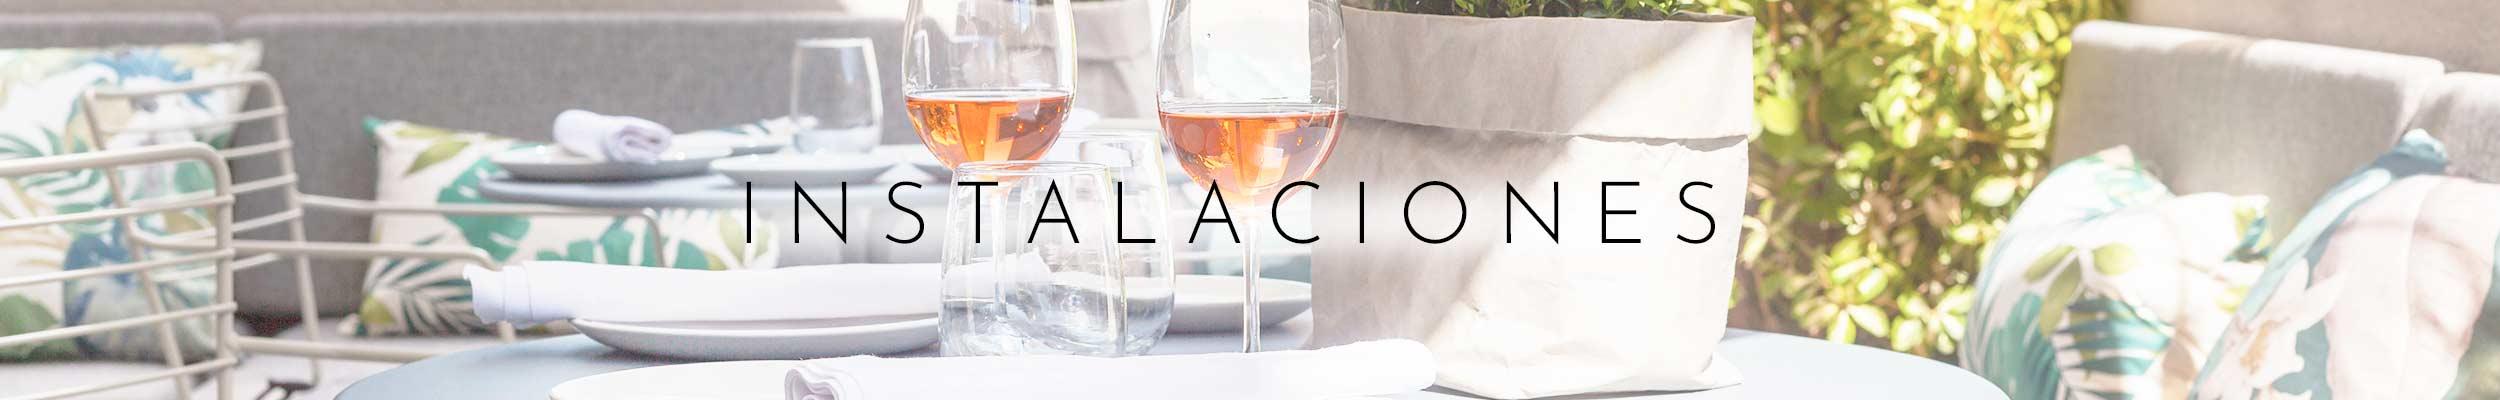 instalaciones-restaurante-madrid-norte